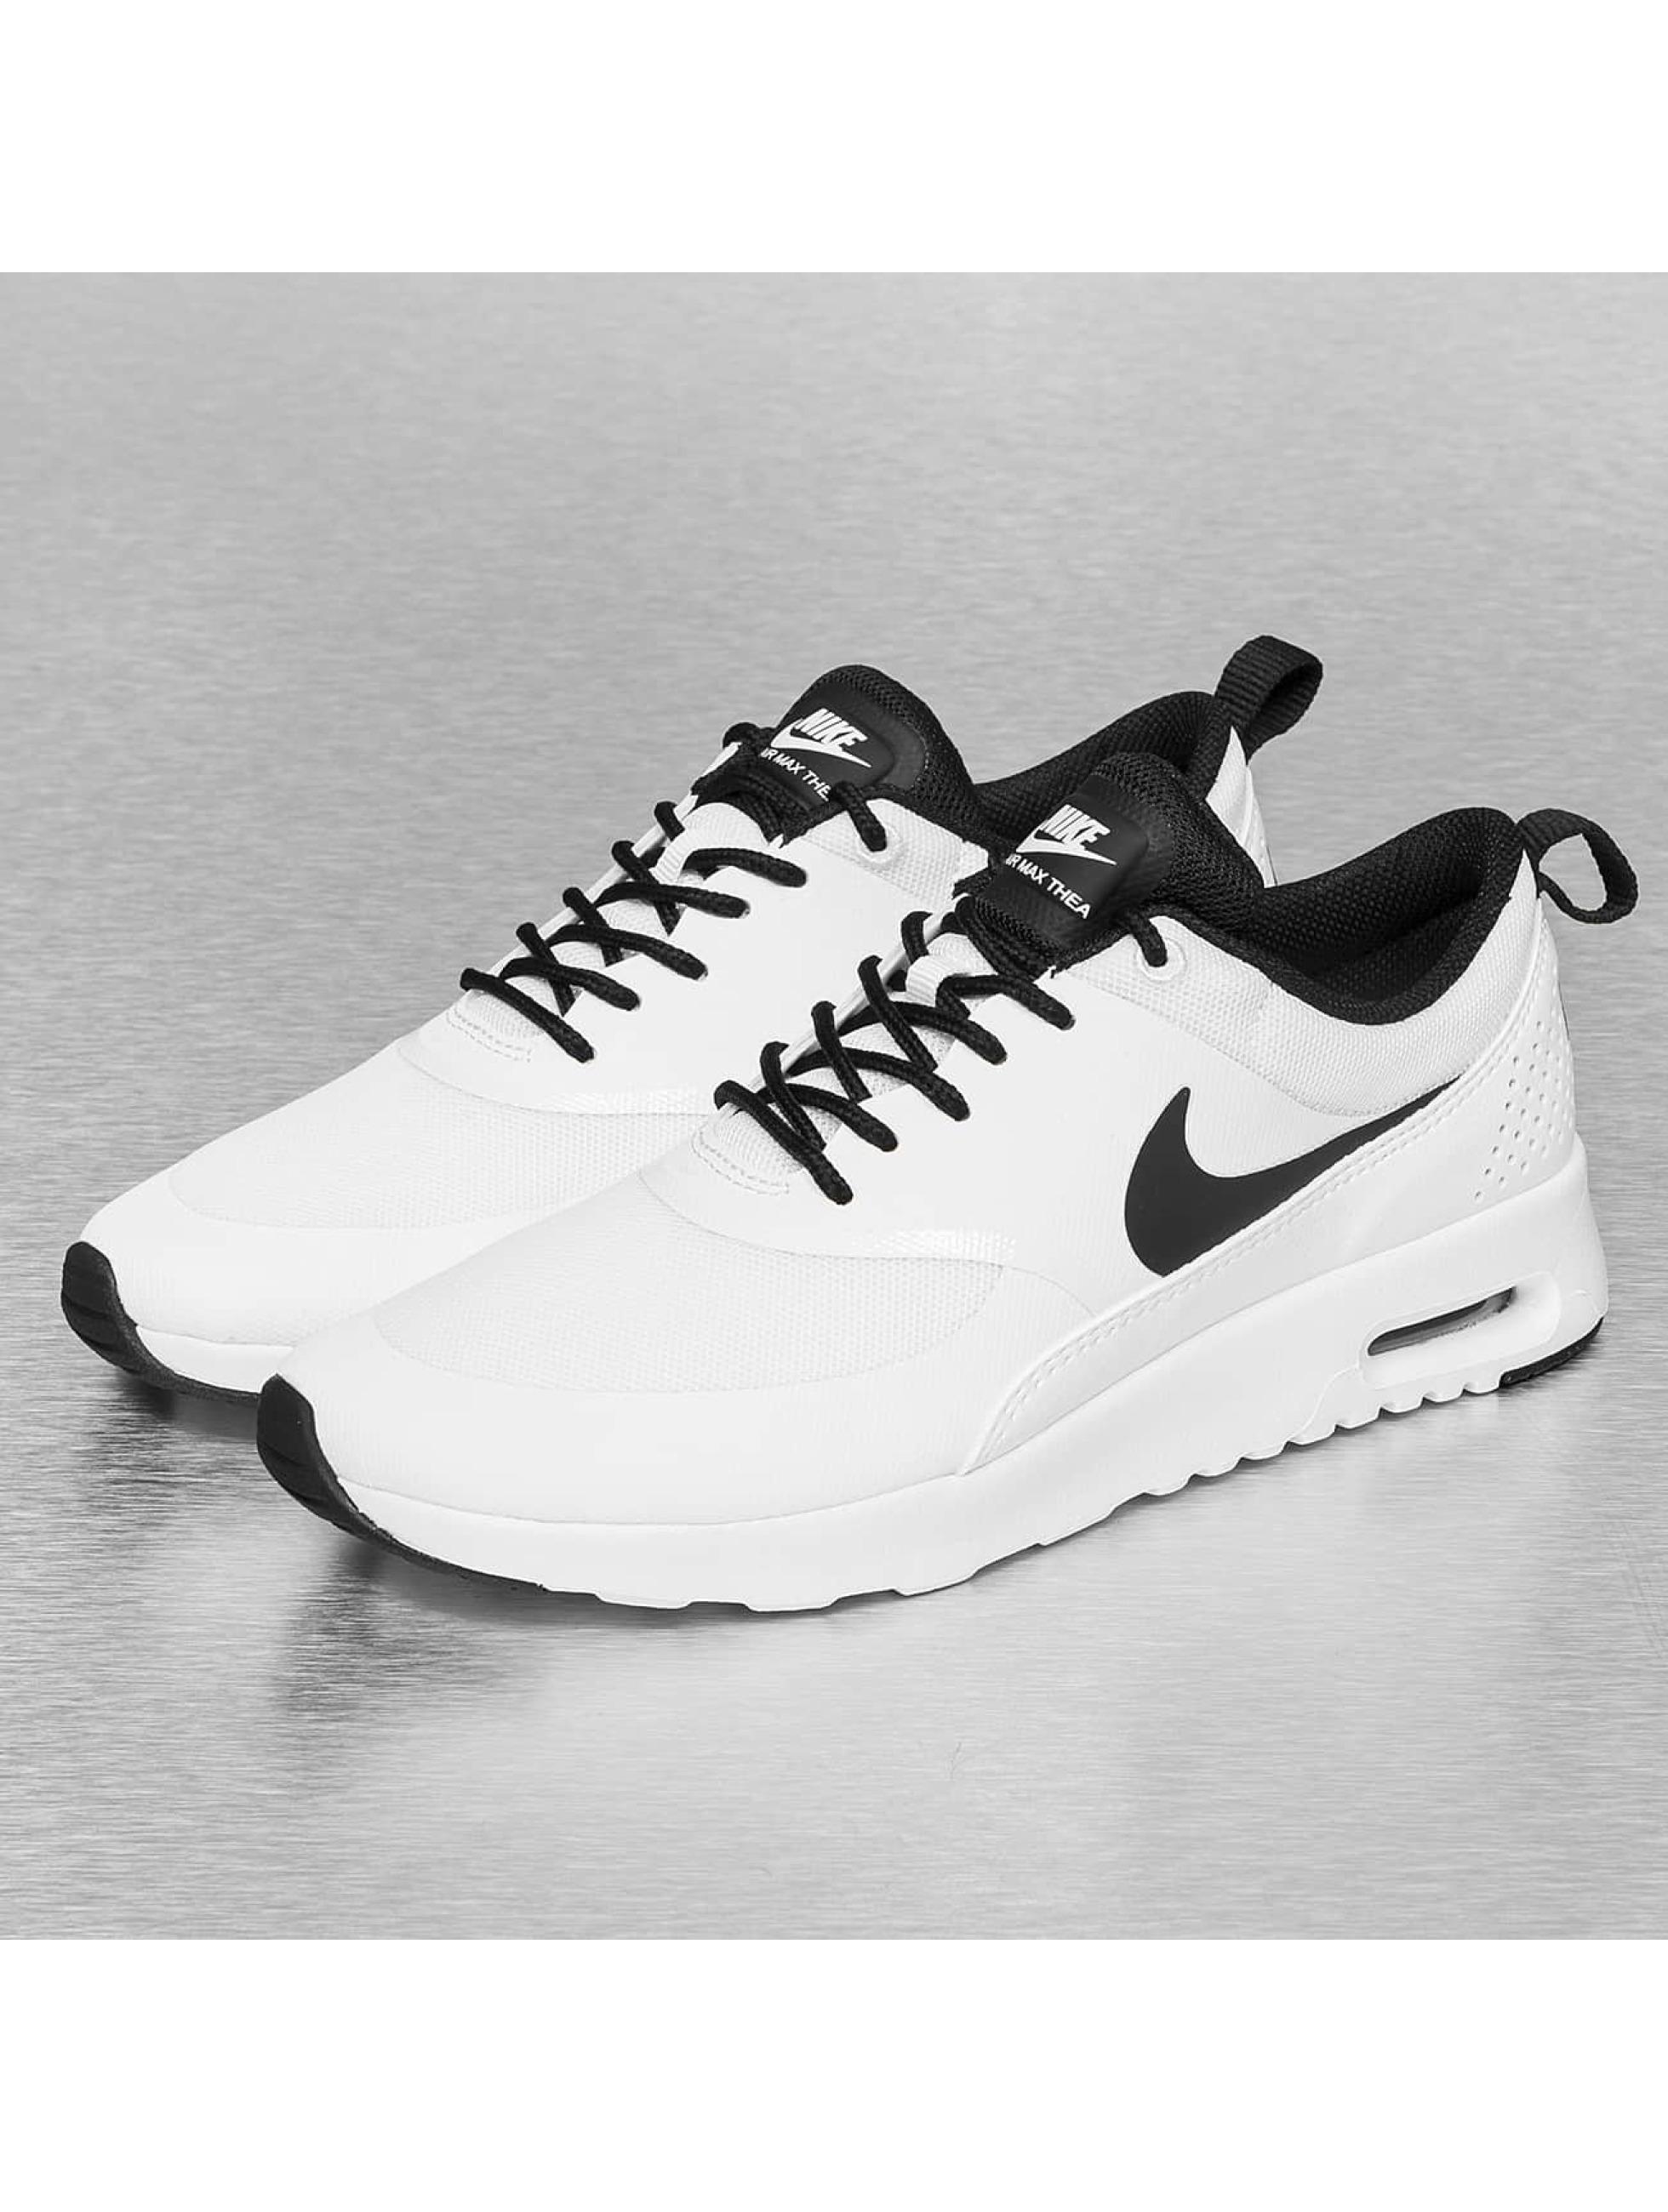 Nike Air Max Thea Herren Schwarz Rot